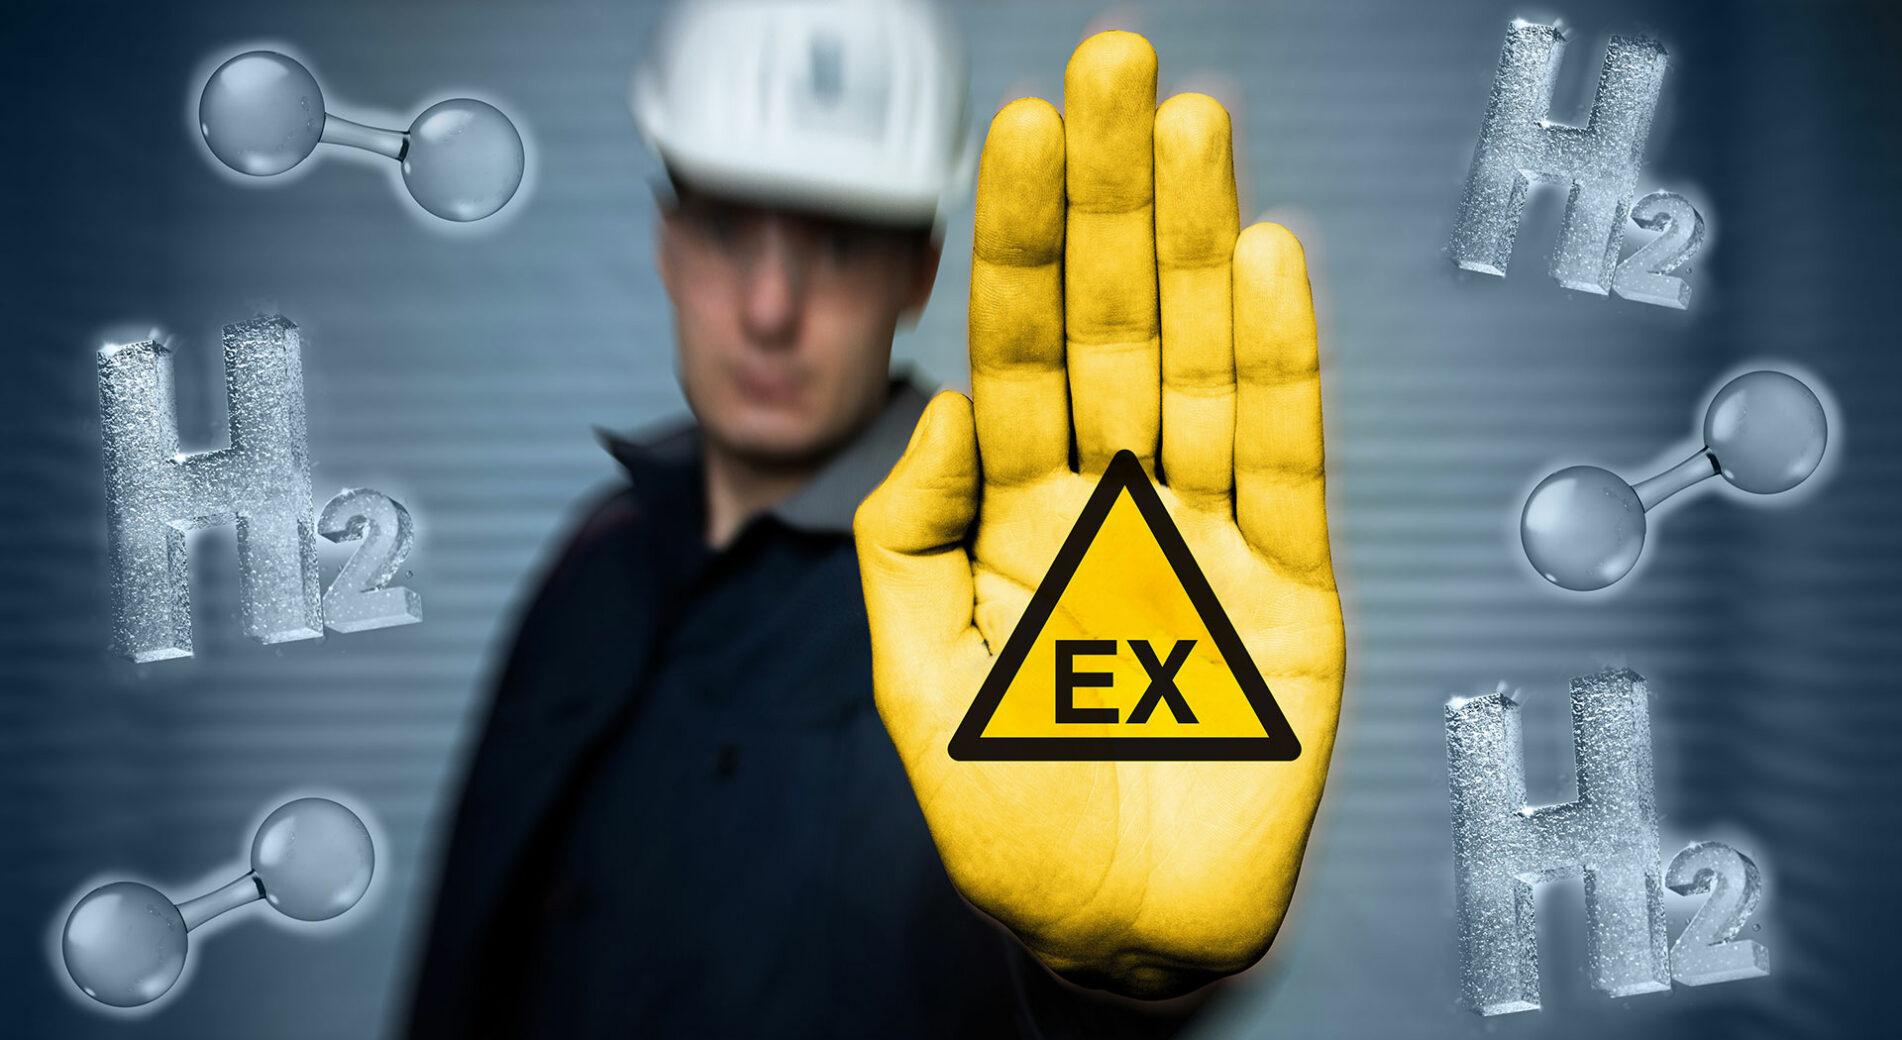 Effecten van toevoeging van waterstof aan aardgas op de explosiebeveiliging van gasmeet- en gaswaarschuwingsapparatuur